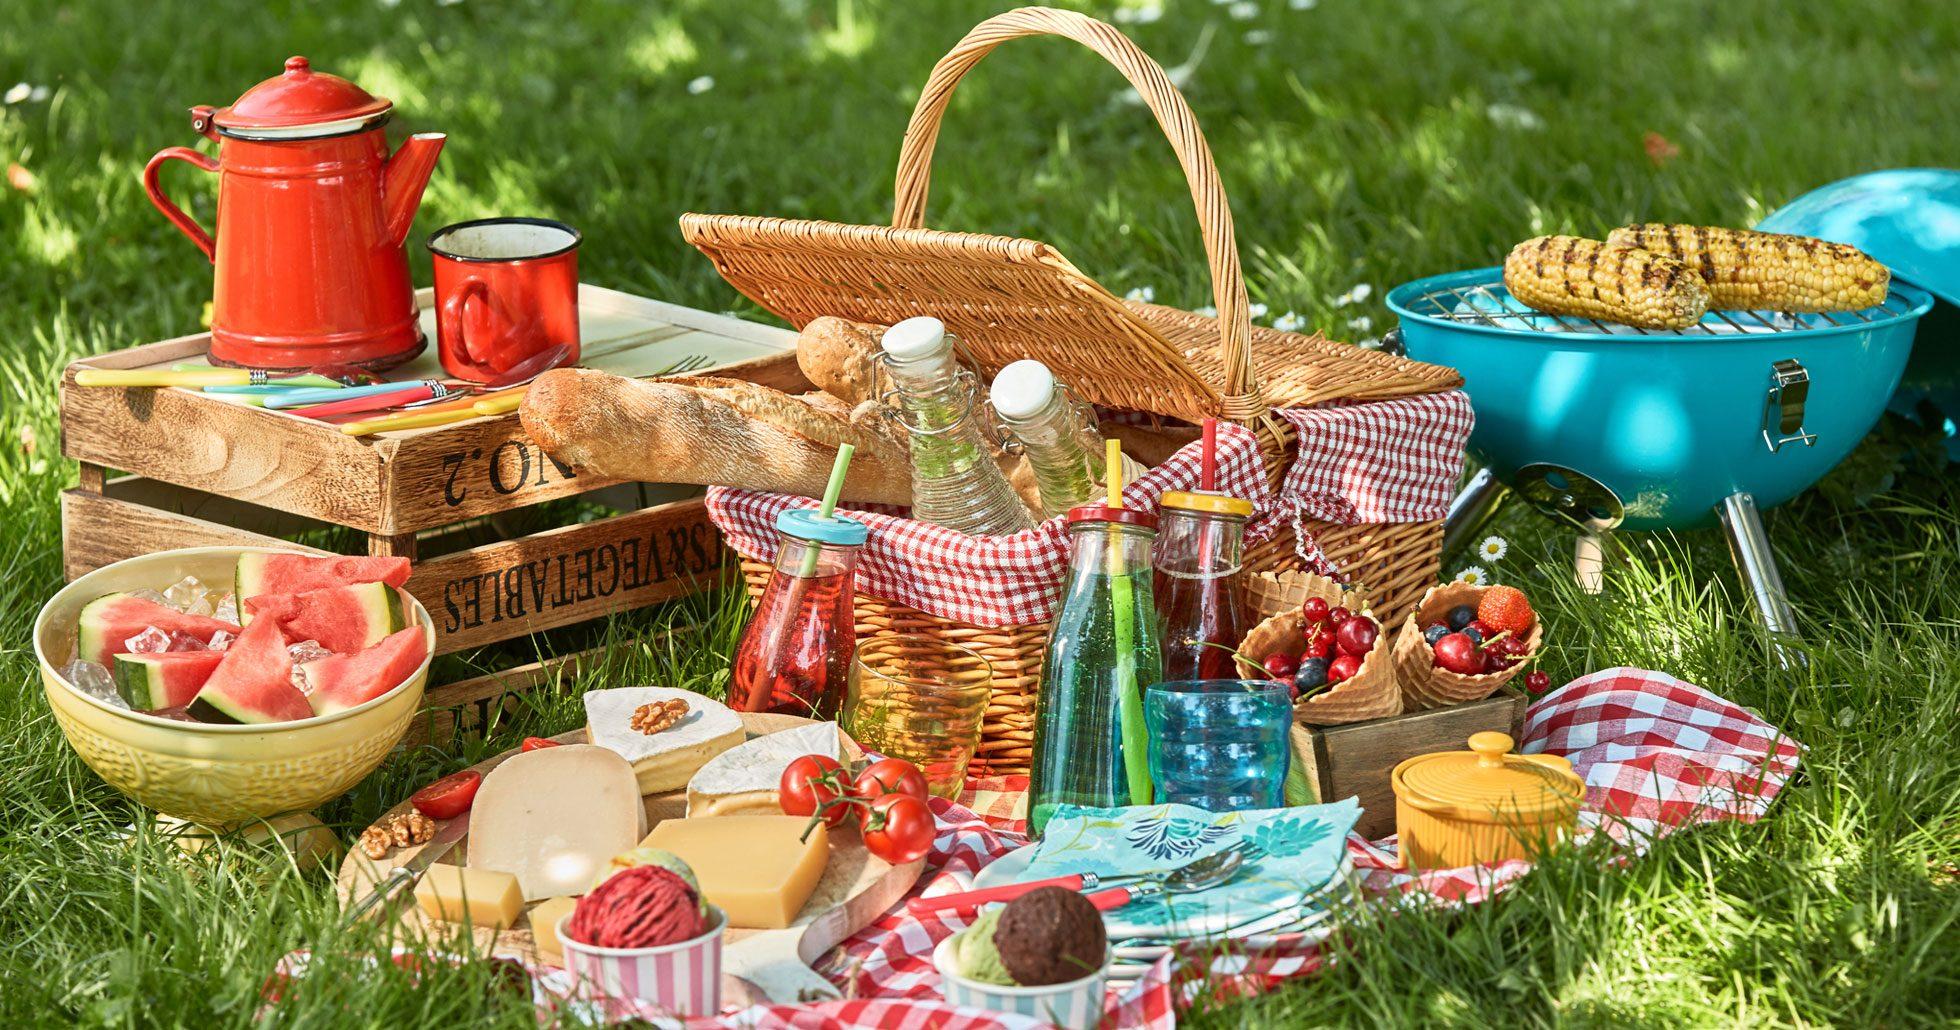 Bästa recepten på lättlagade rätter till picknicken